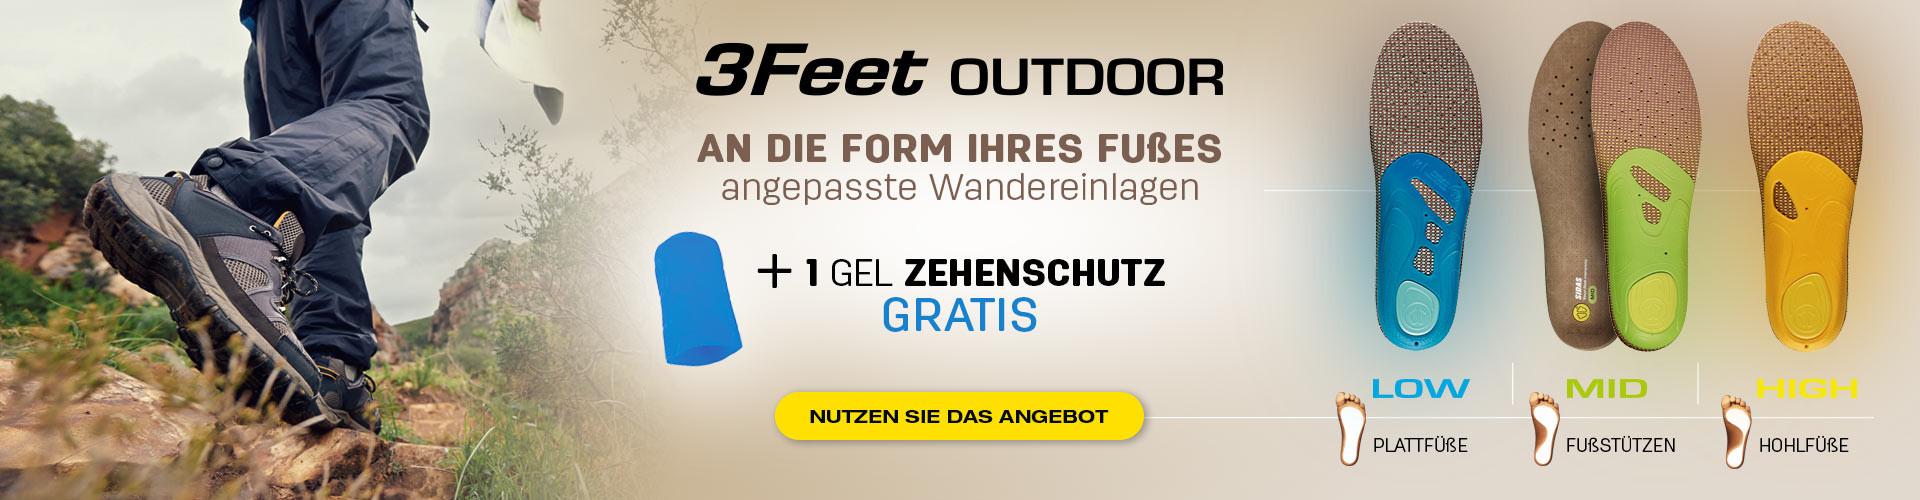 3Feet Outdoor an die form ihres fuβes angepasste Wandereinlagen + 1 gel zehenschutz gratis!